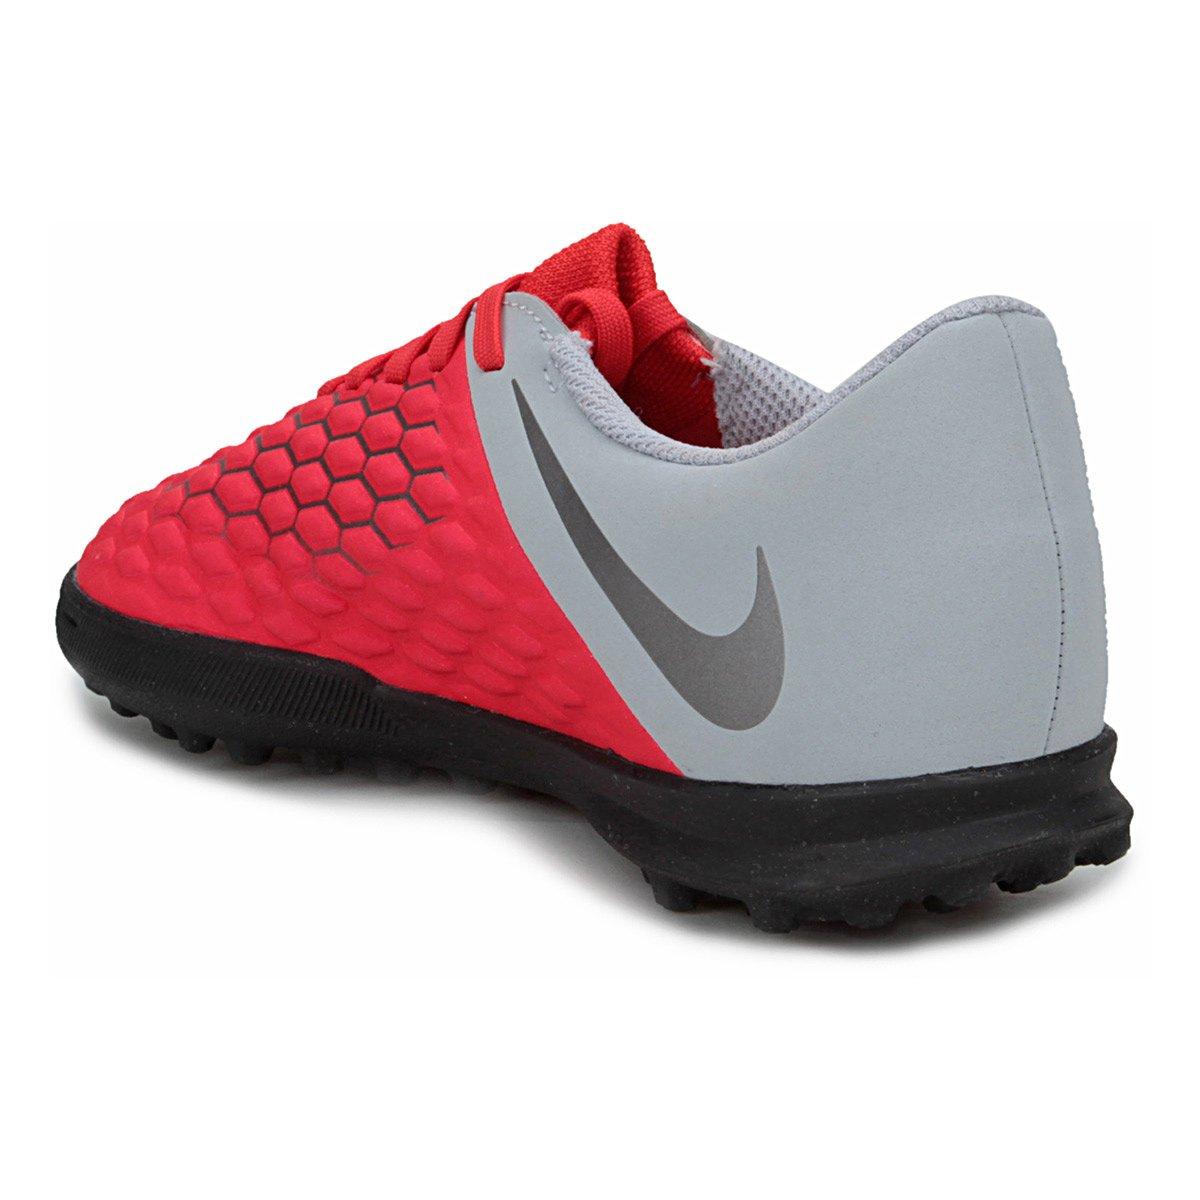 f69944d666 ... Foto 2 - Chuteira Society Infantil Nike Hypervenom Phantom 3 Club TF